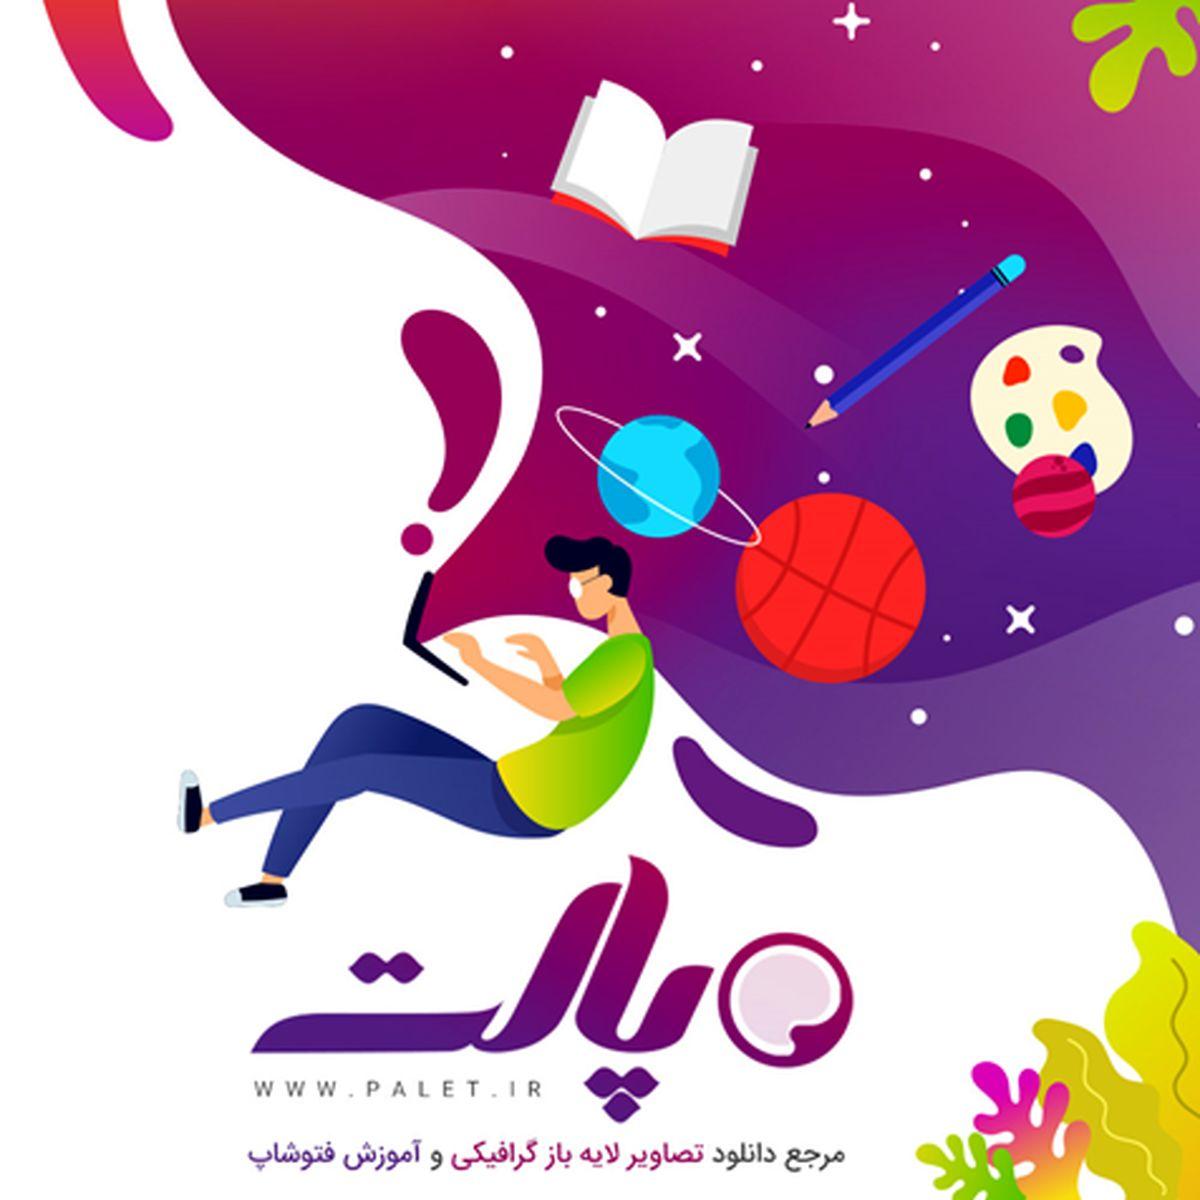 عیدانه طرح های مختلف در سایت پالت به مناسبت سال 1400